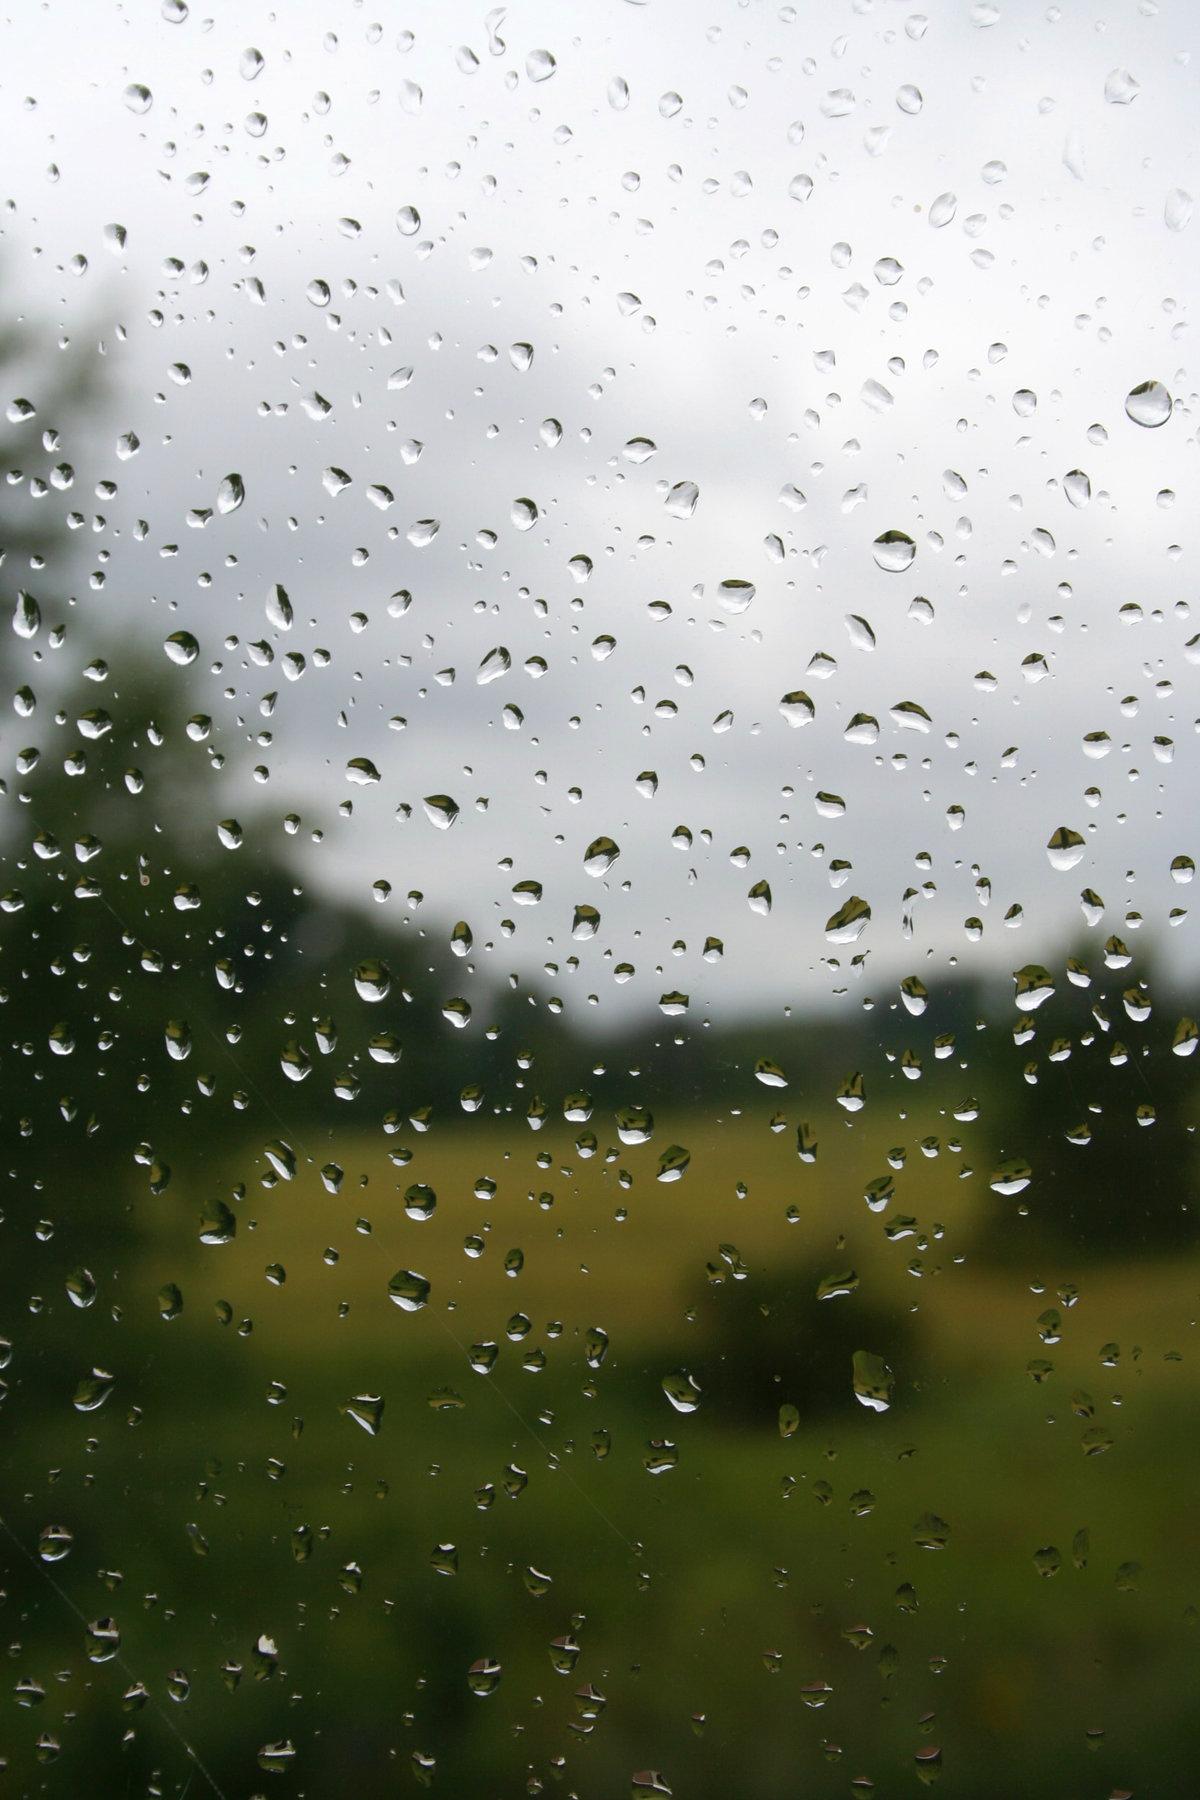 Картинка дождя на стекле, приколы для